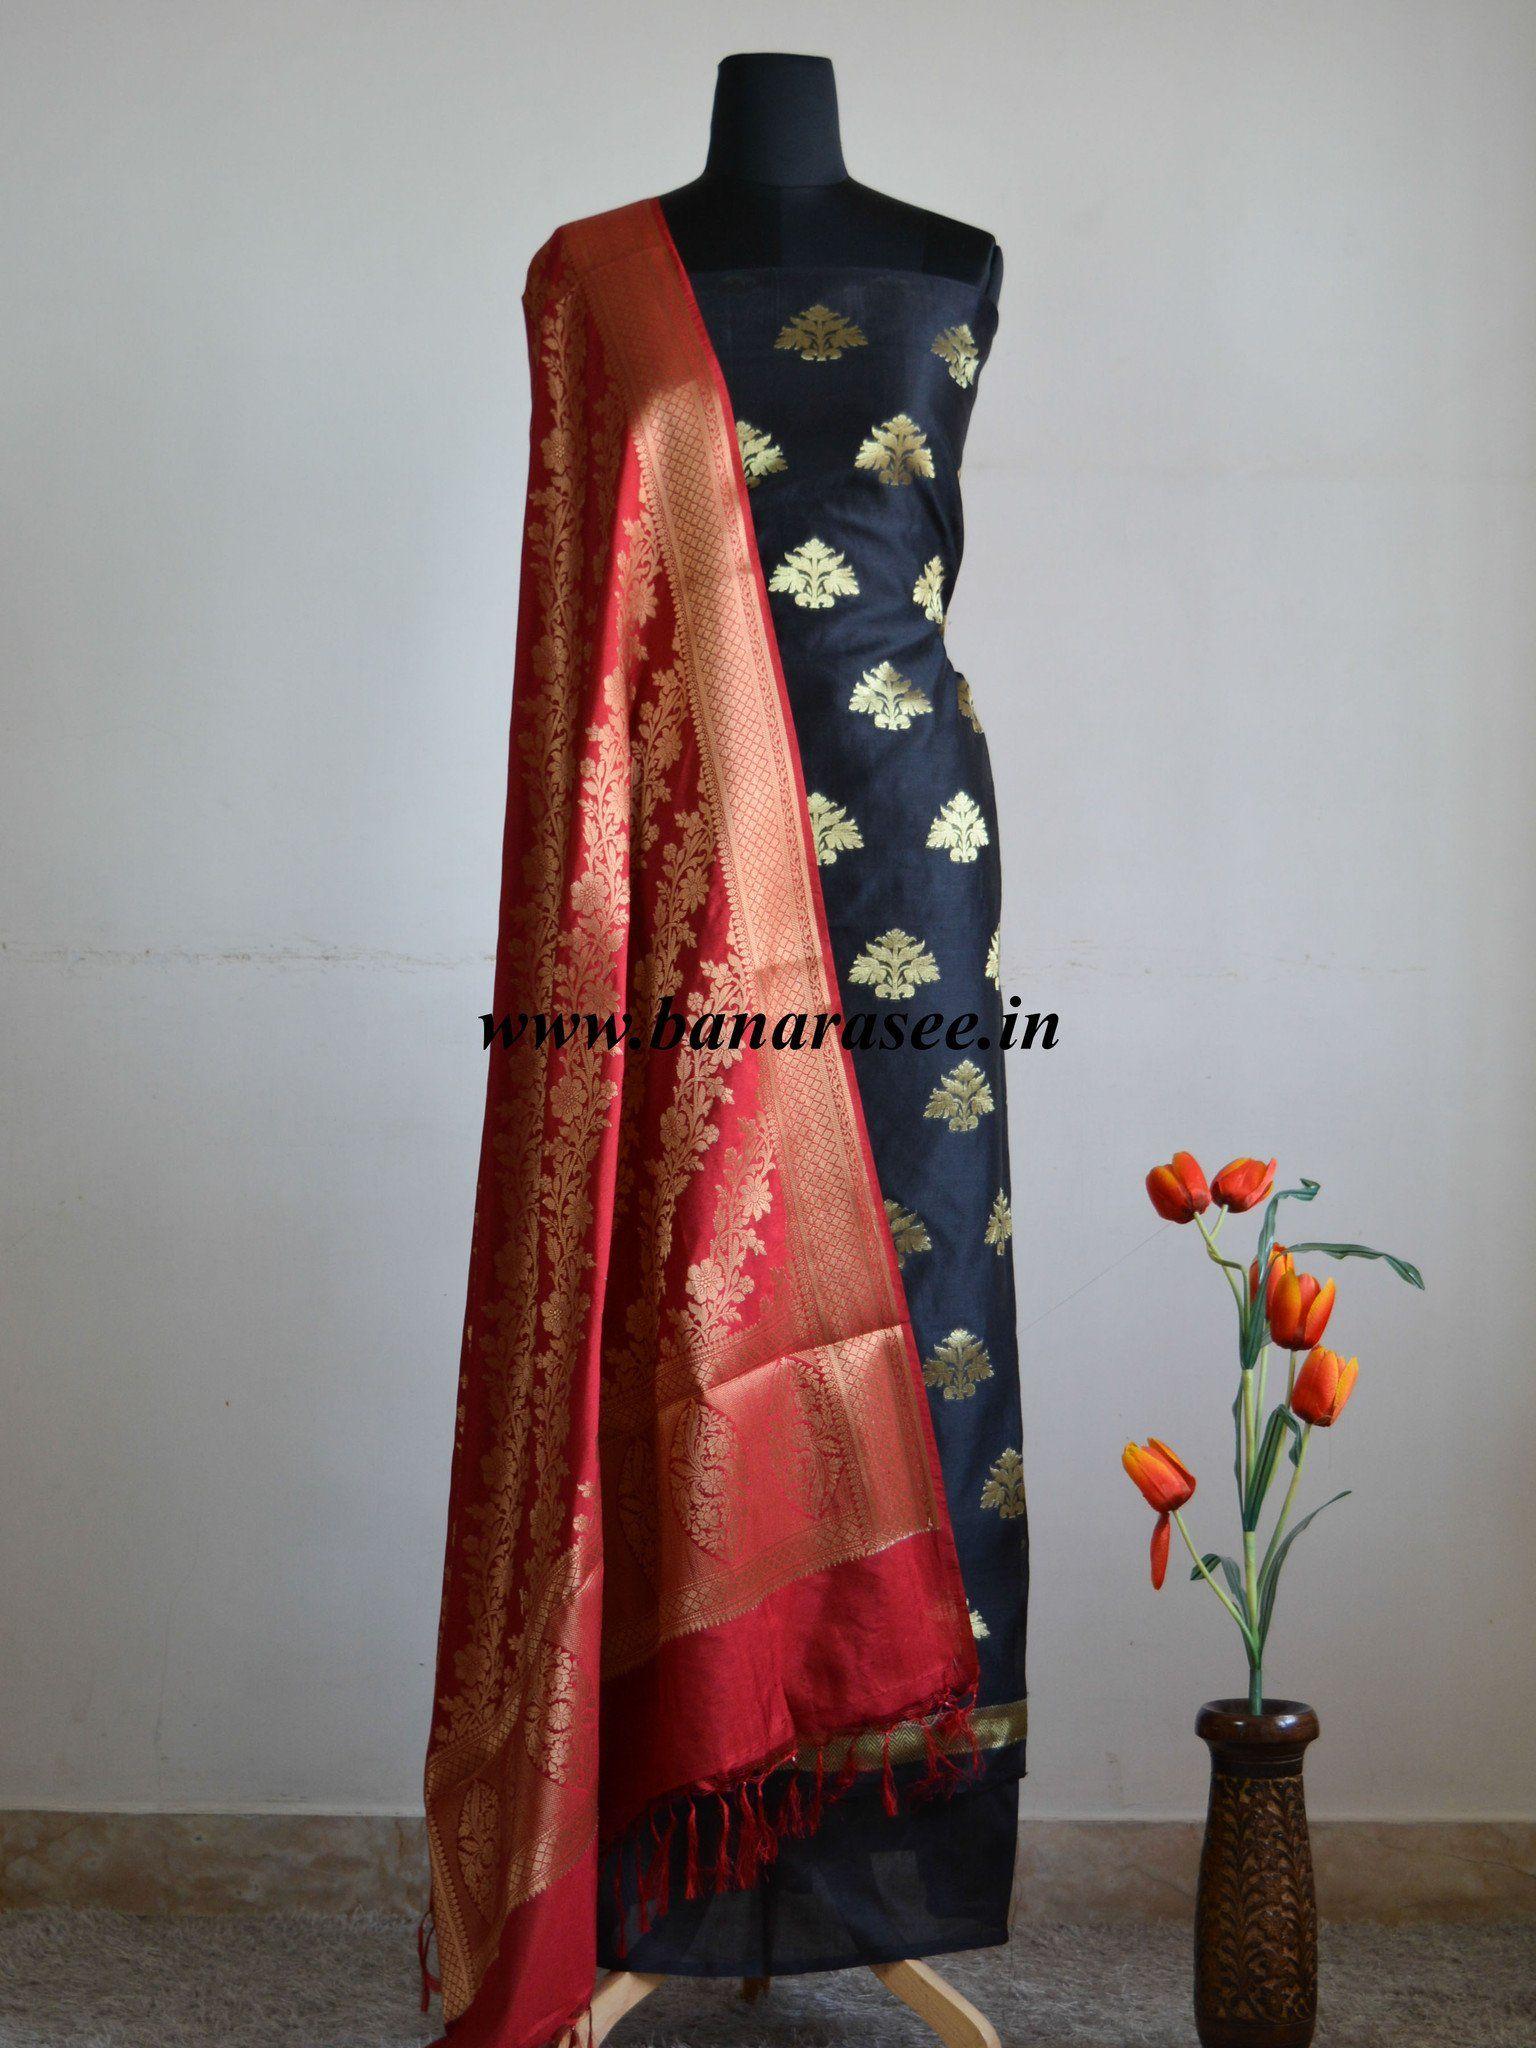 d114957518 Banarasee/Banarasi Salwar Kameez Chanderi Zari Buta Woven Fabric With Deep  Red Pure Dupion Silk Dupatta-Black